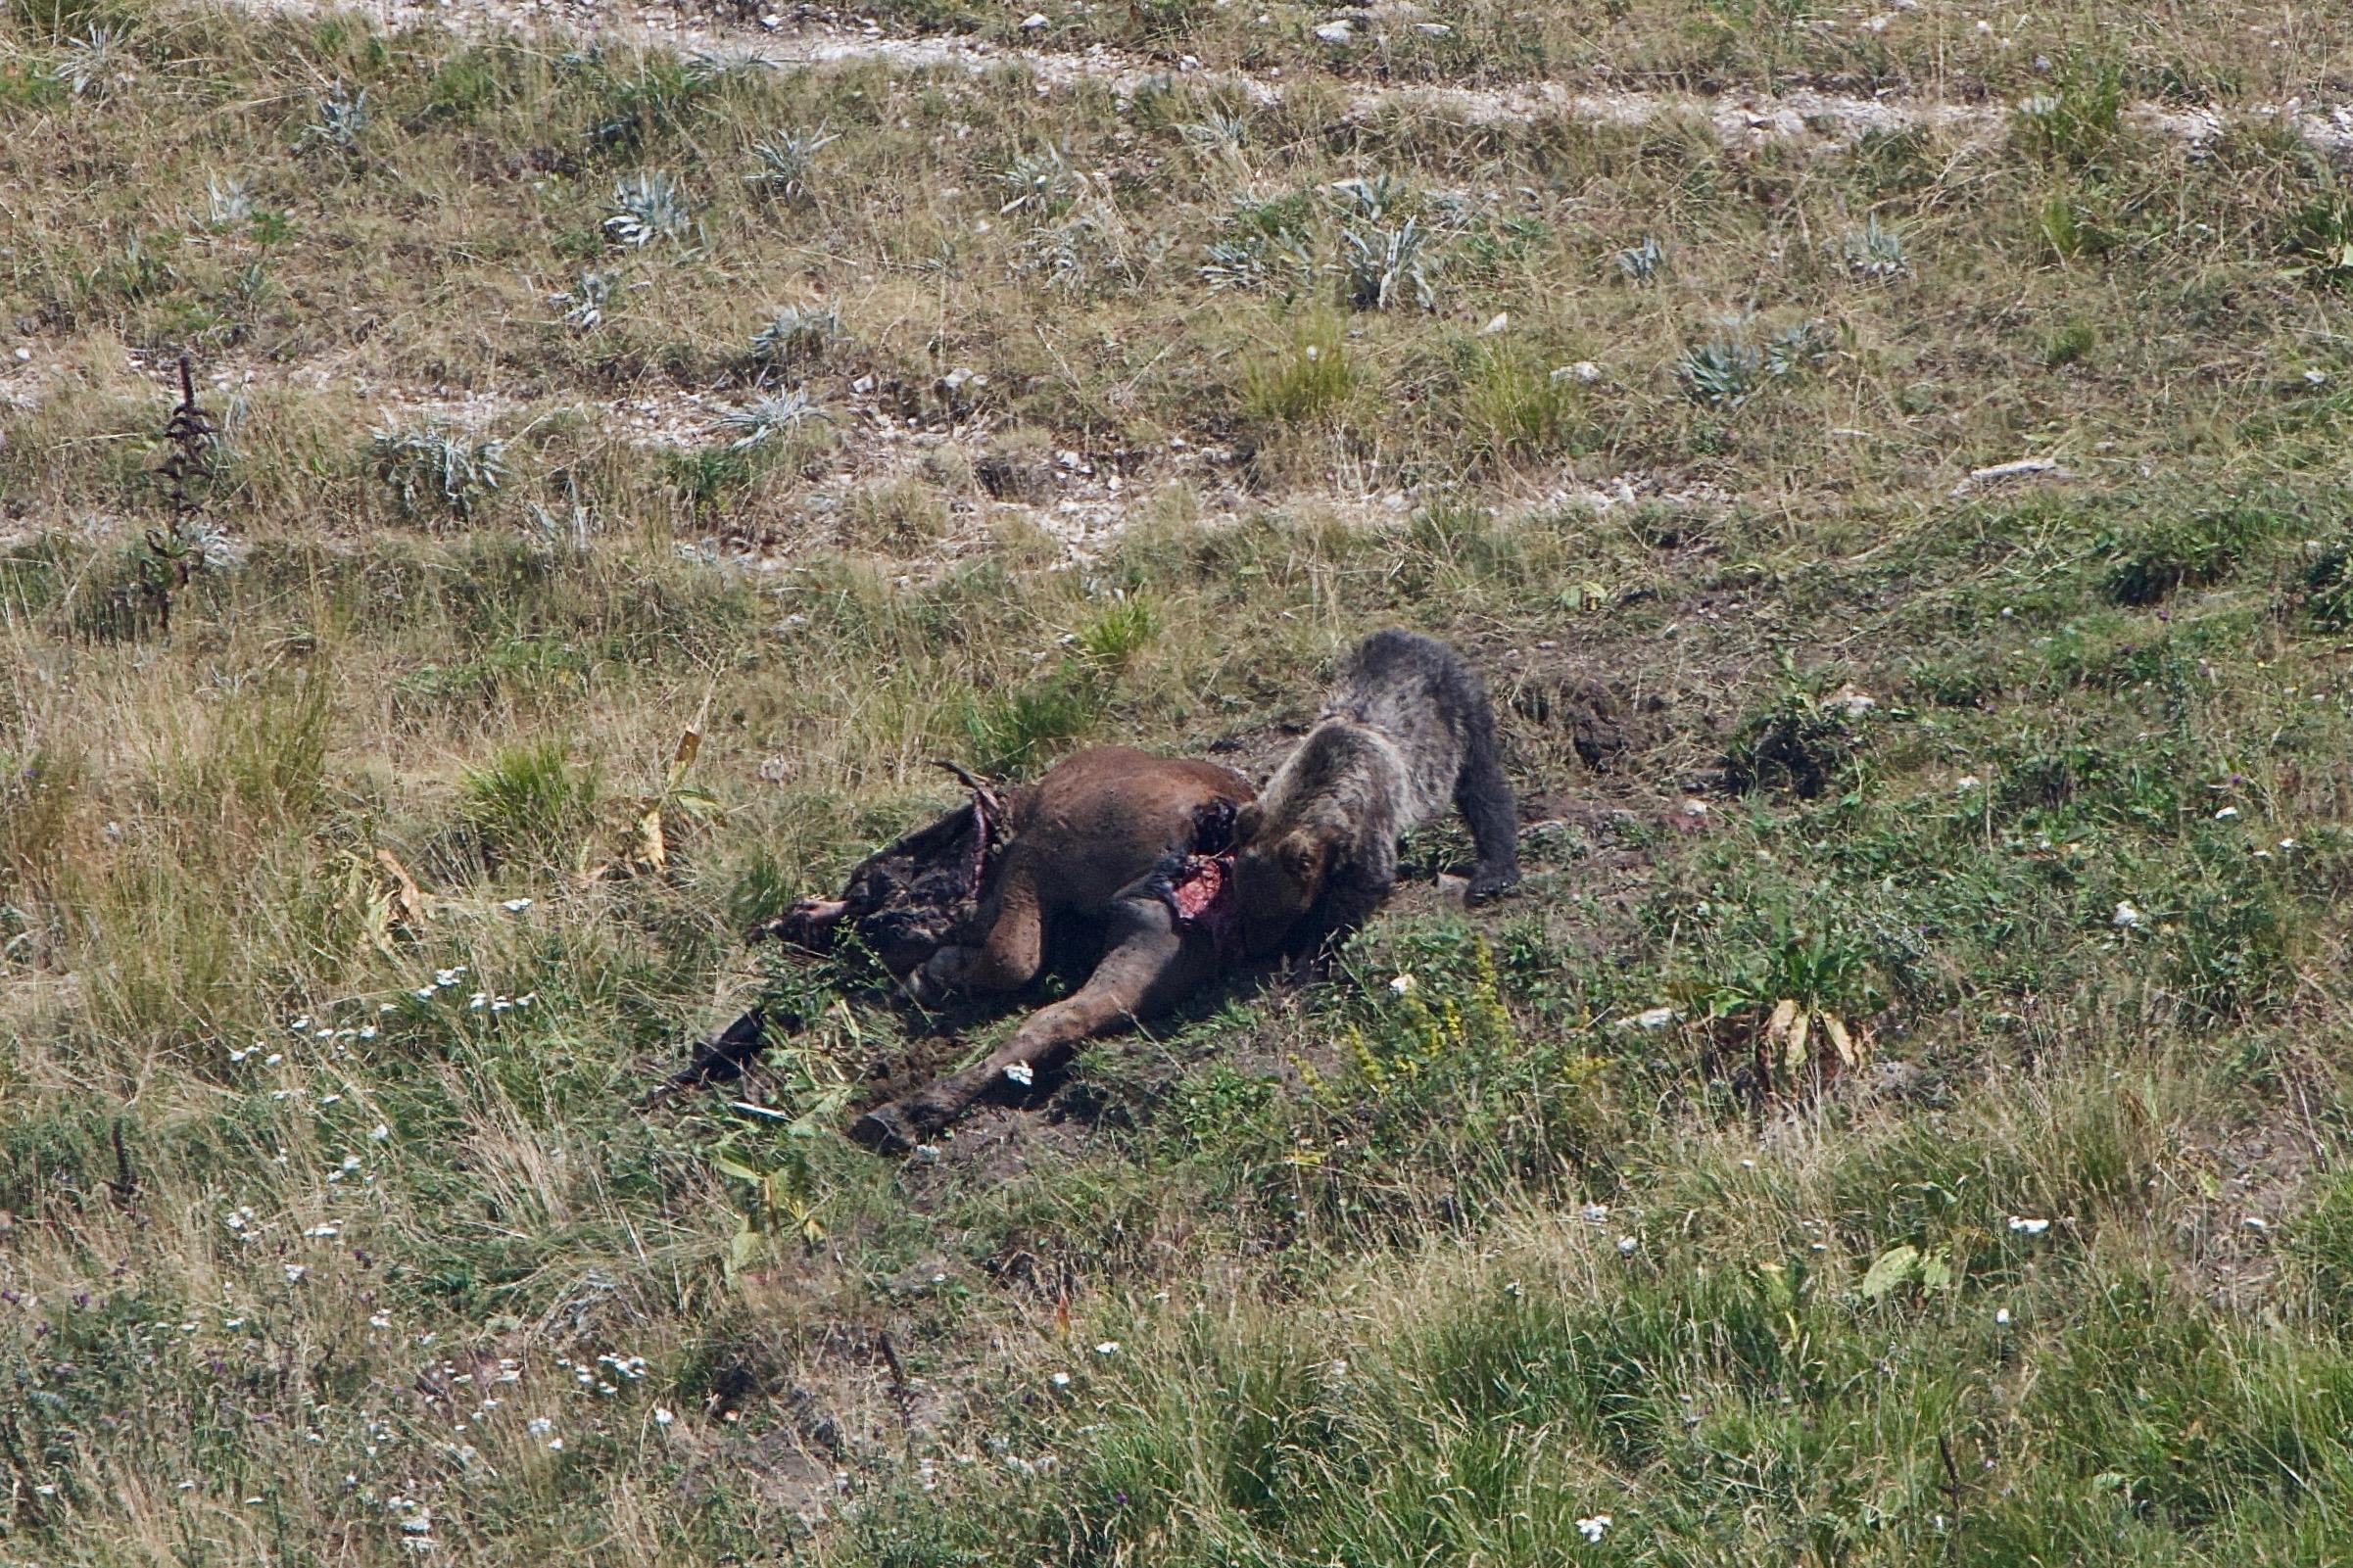 4) L'orso non più affamato dopo aver banchettato scaverà un giaciglio proprio nei pressi della sua preda, in modo tale da poterla tenere sotto controllo nel migliore dei modi. Foto di Gianpiero Cutolo